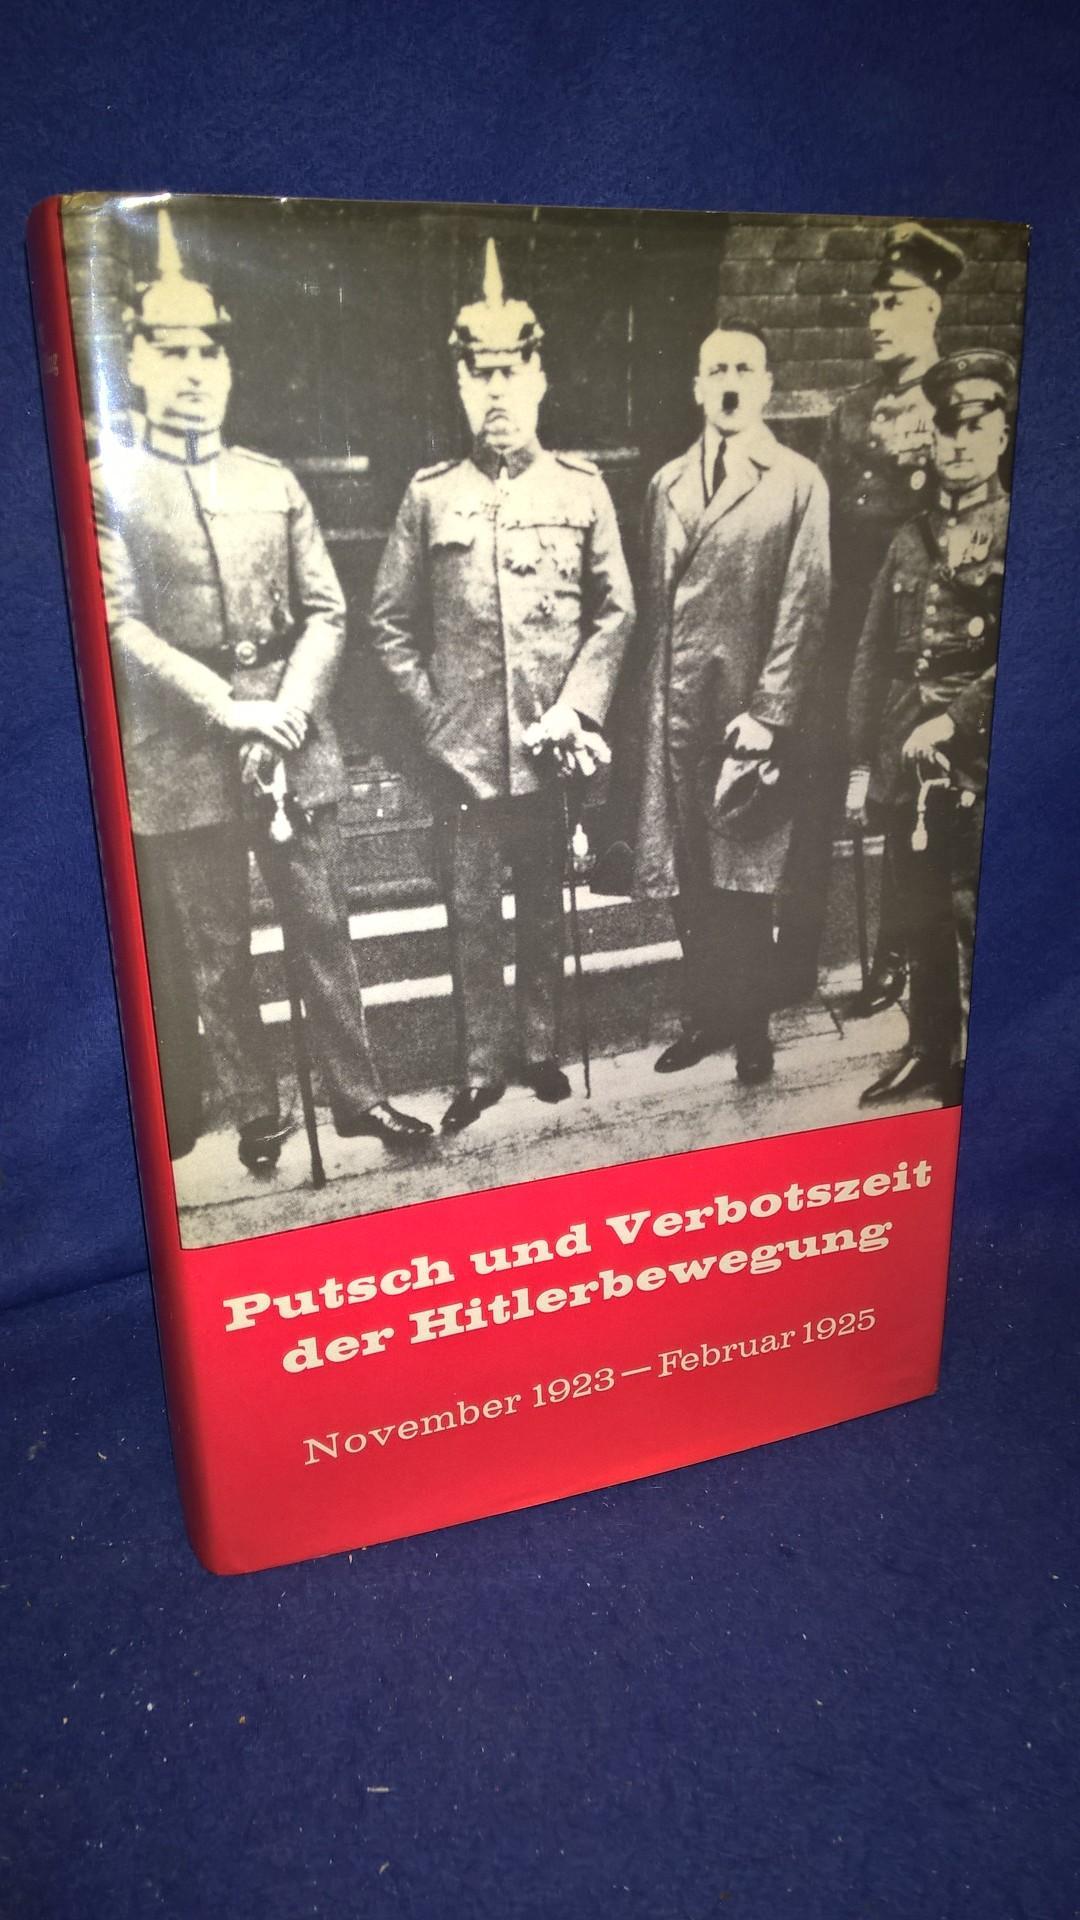 Putsch und Verbotszeit der Hitlerbewegung November 1923 -Februar 1925